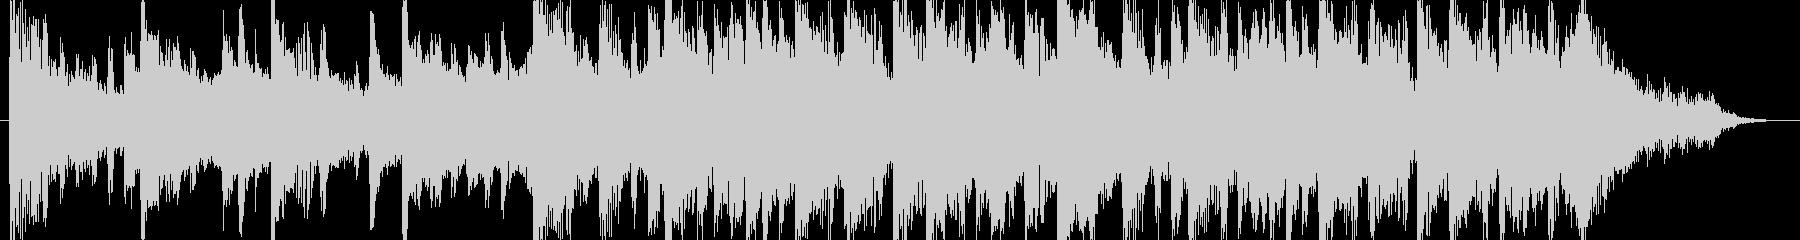 和む、でも少しクールなBGM-30秒の未再生の波形